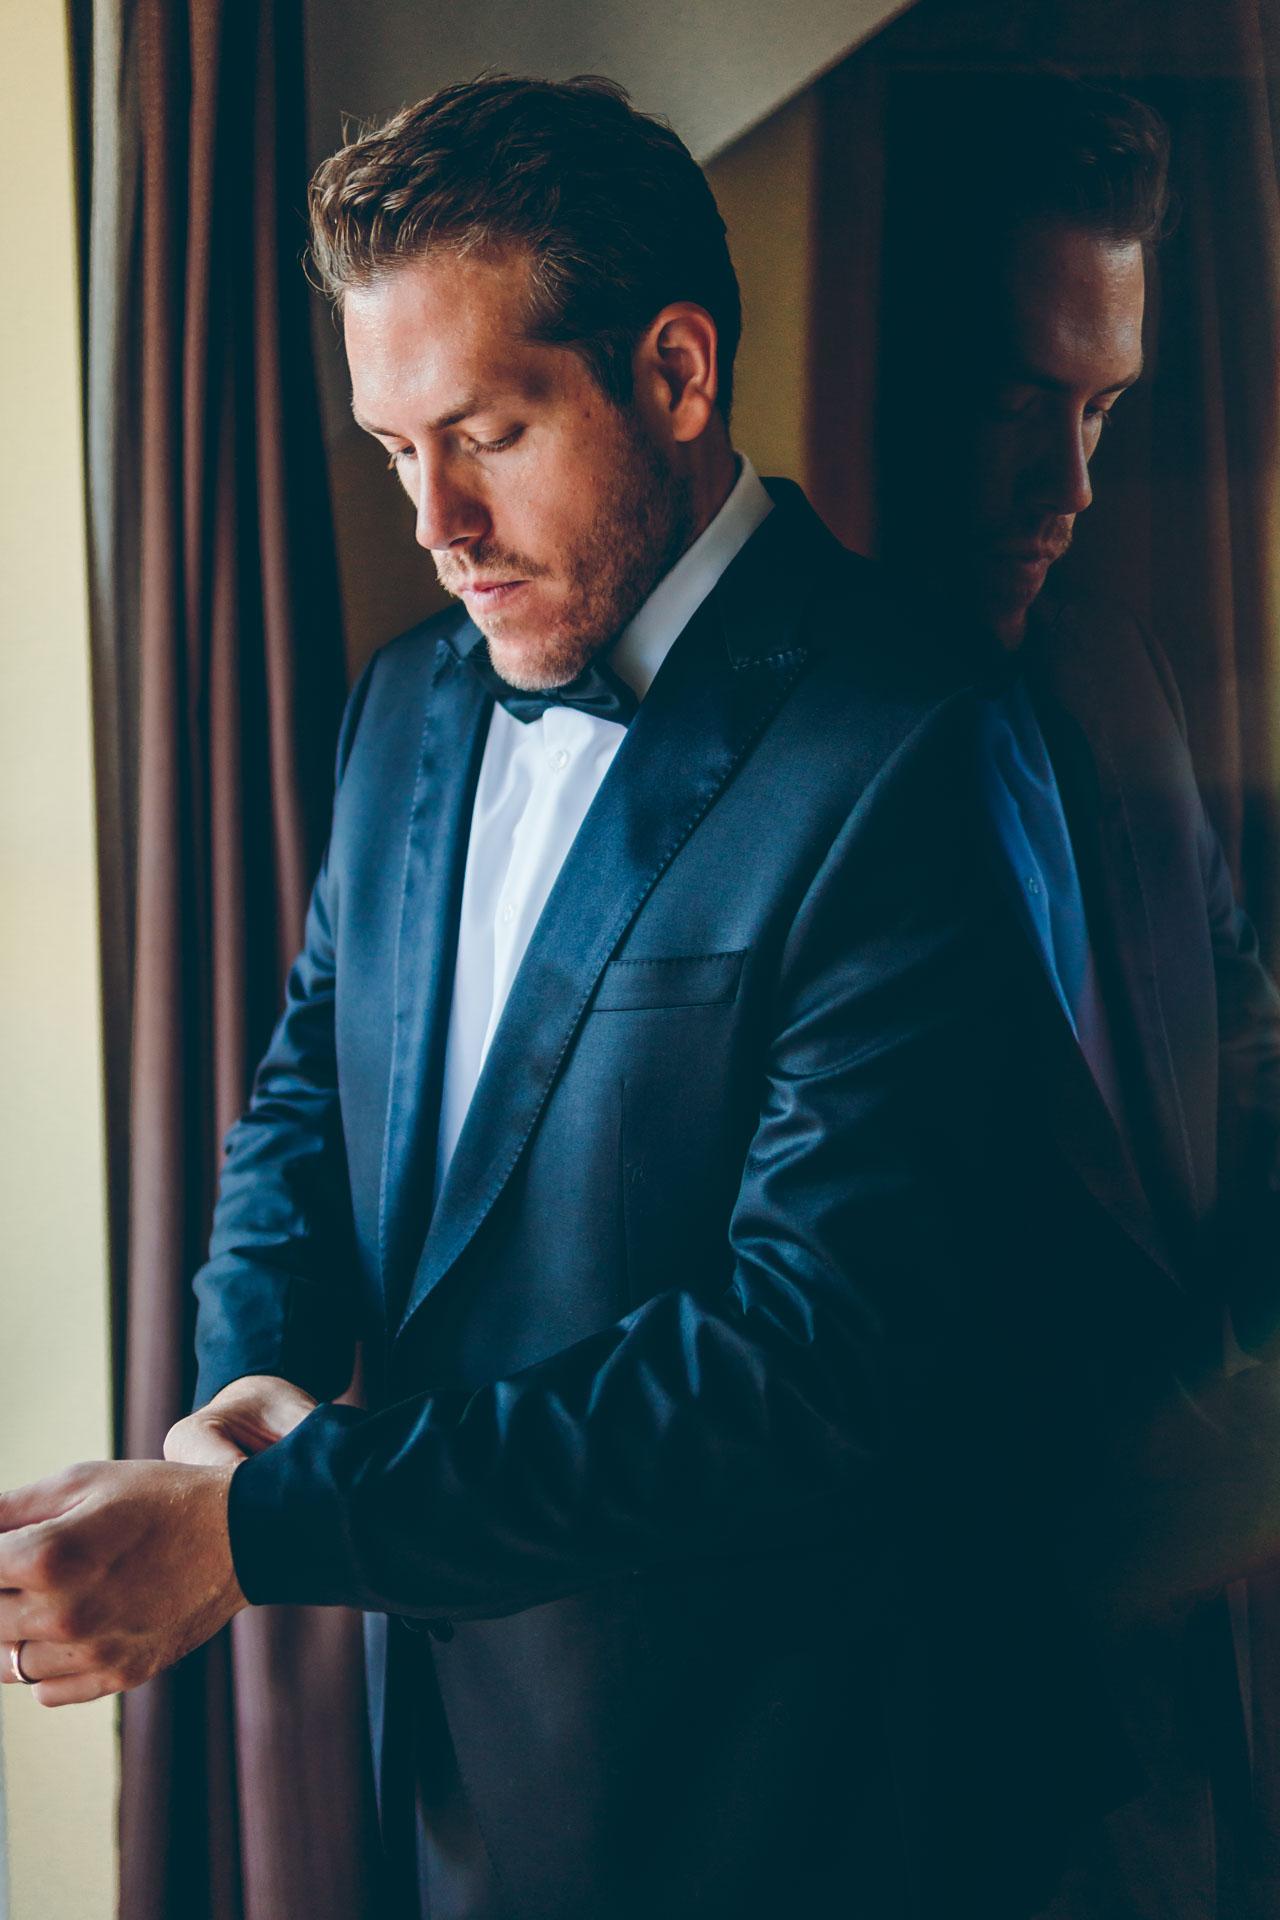 Tolles Hochzeitsbild des Bräutigams beim Ankleiden